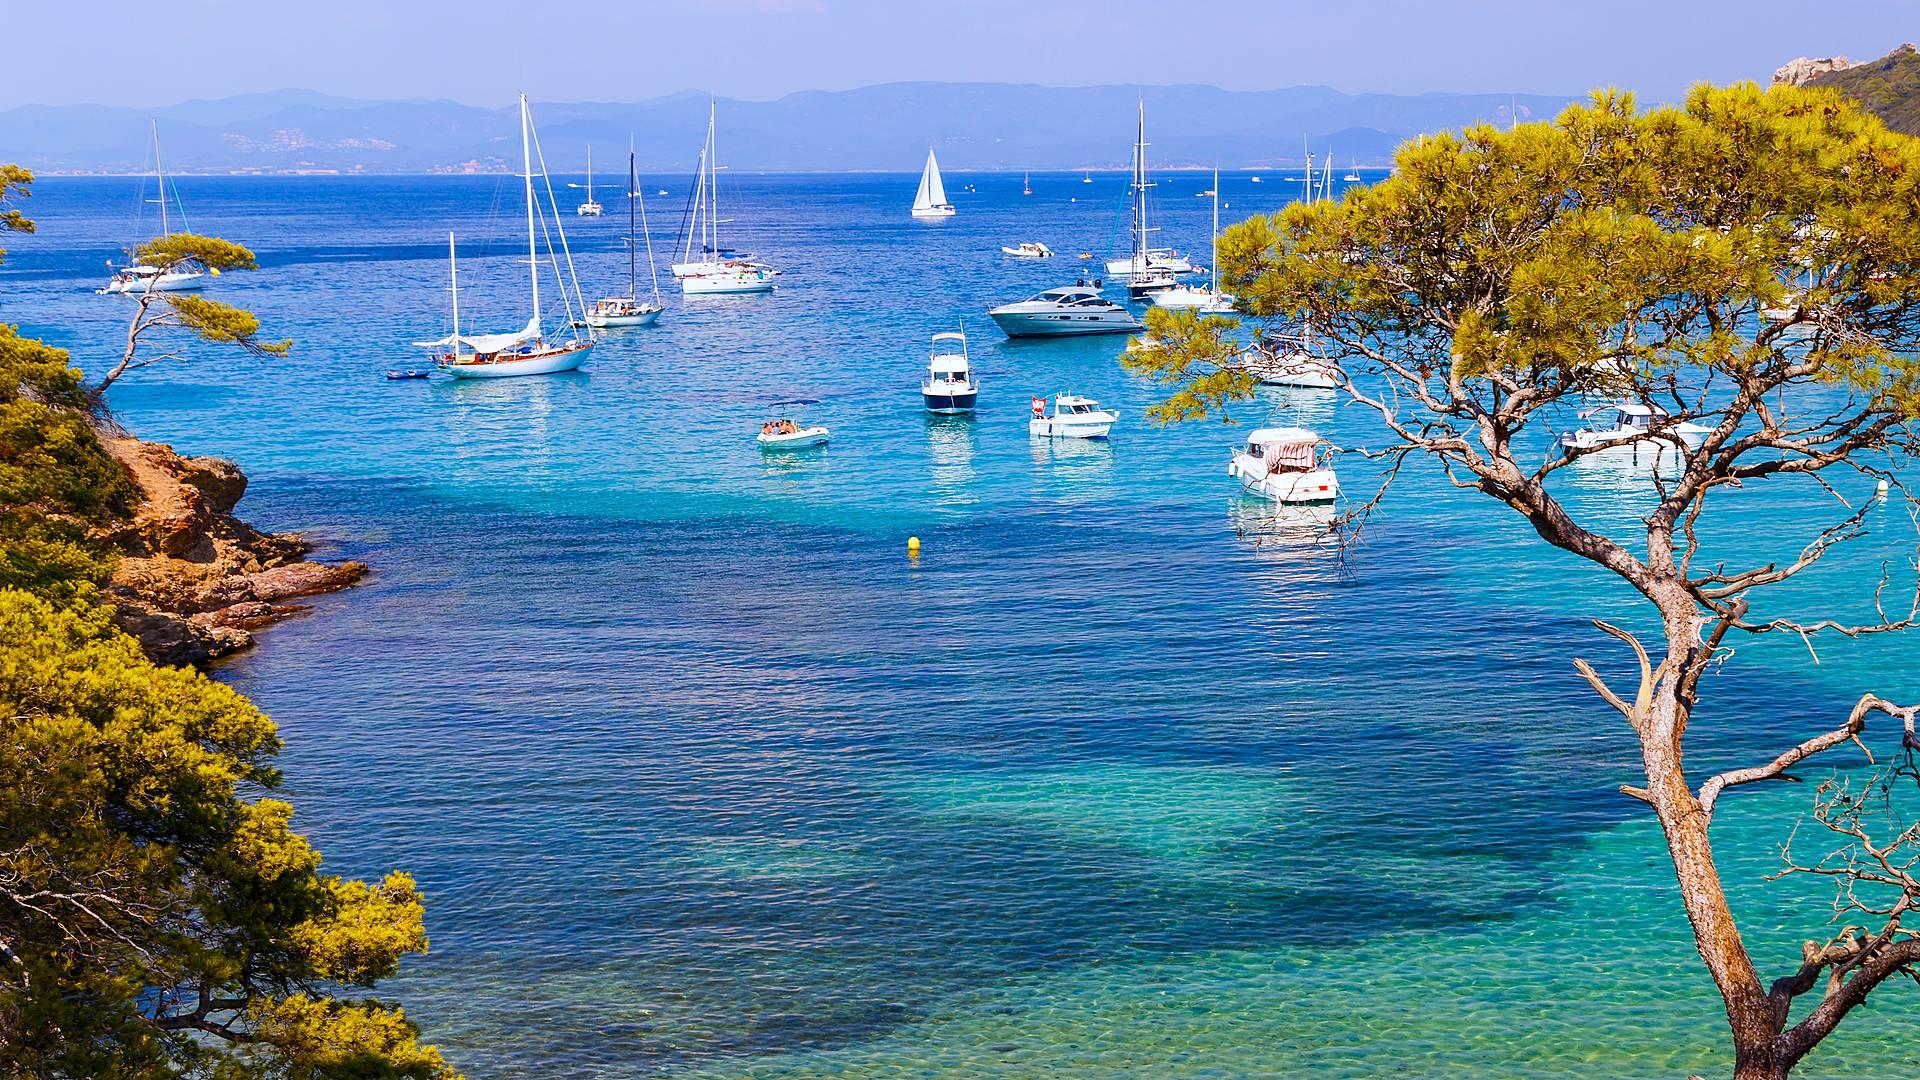 Baignades et randonnées dans les îles d'Or : Giens, Porquerolles et Port-Cros